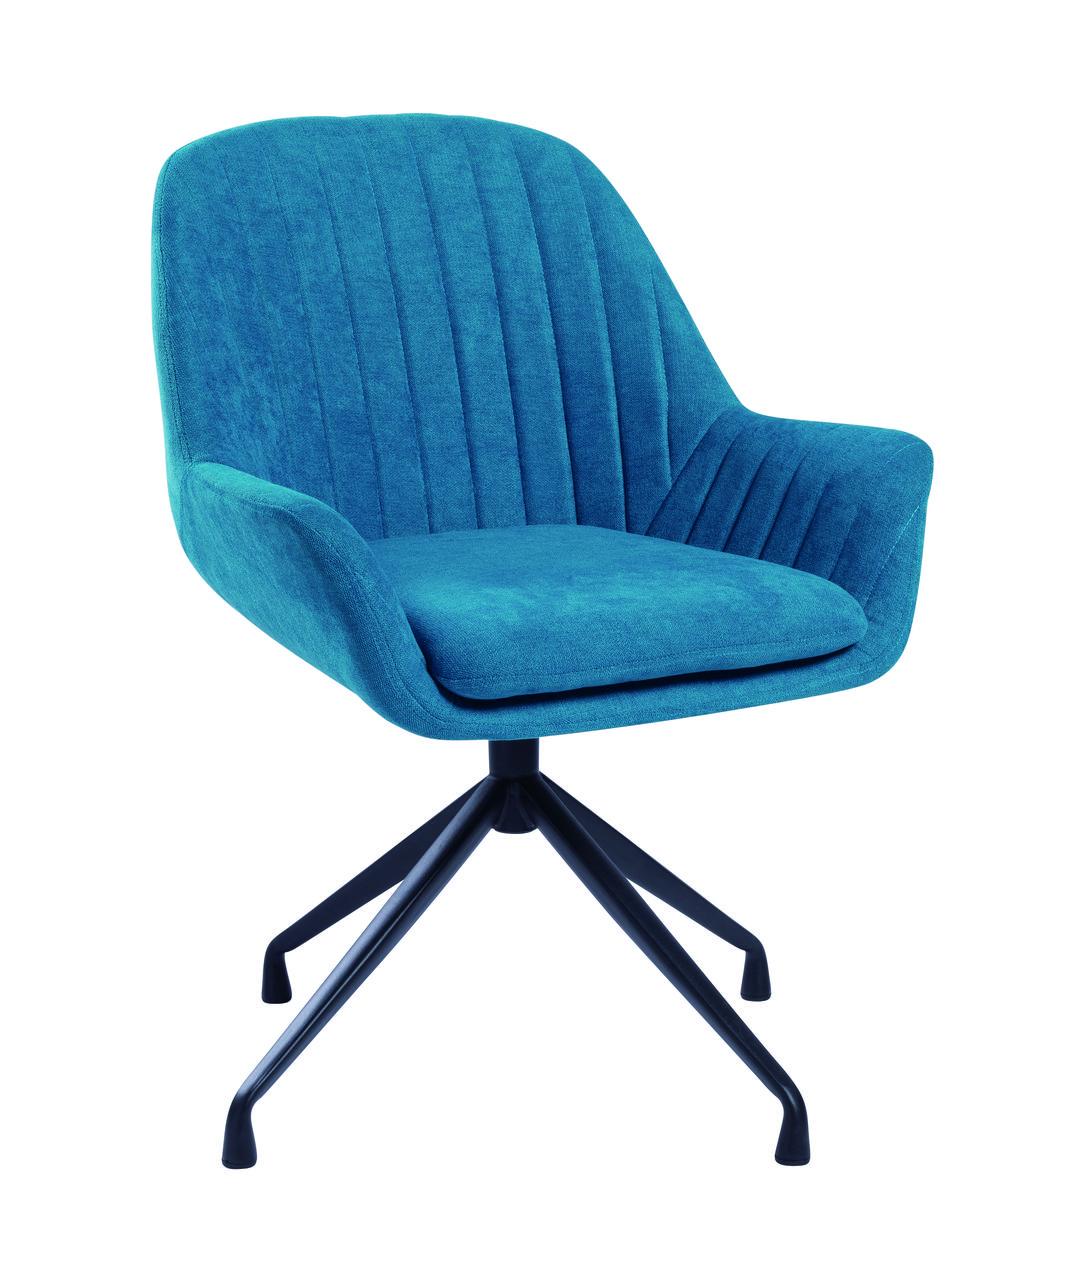 Офисный поворотный стул Lagoon blue Special4You TM Technostyle-Pro